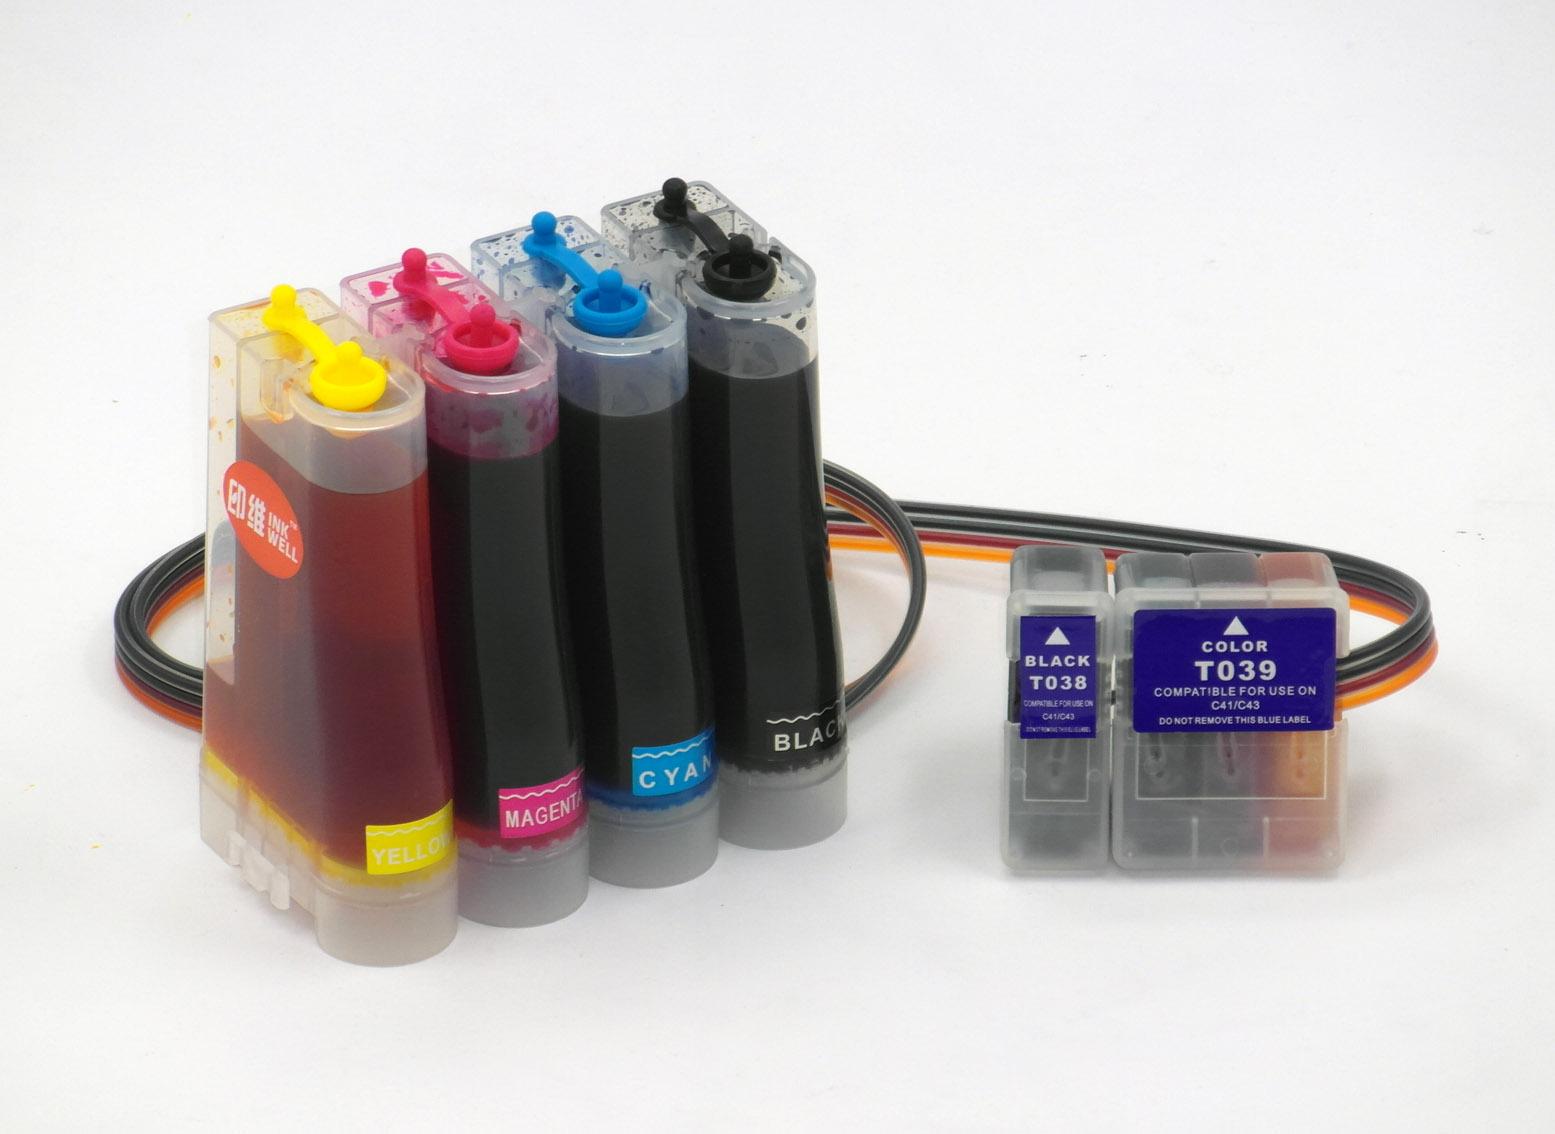 印维 兼容爱普生 EPSON C41UX连供 C41 C41SX 连供 墨盒 墨水